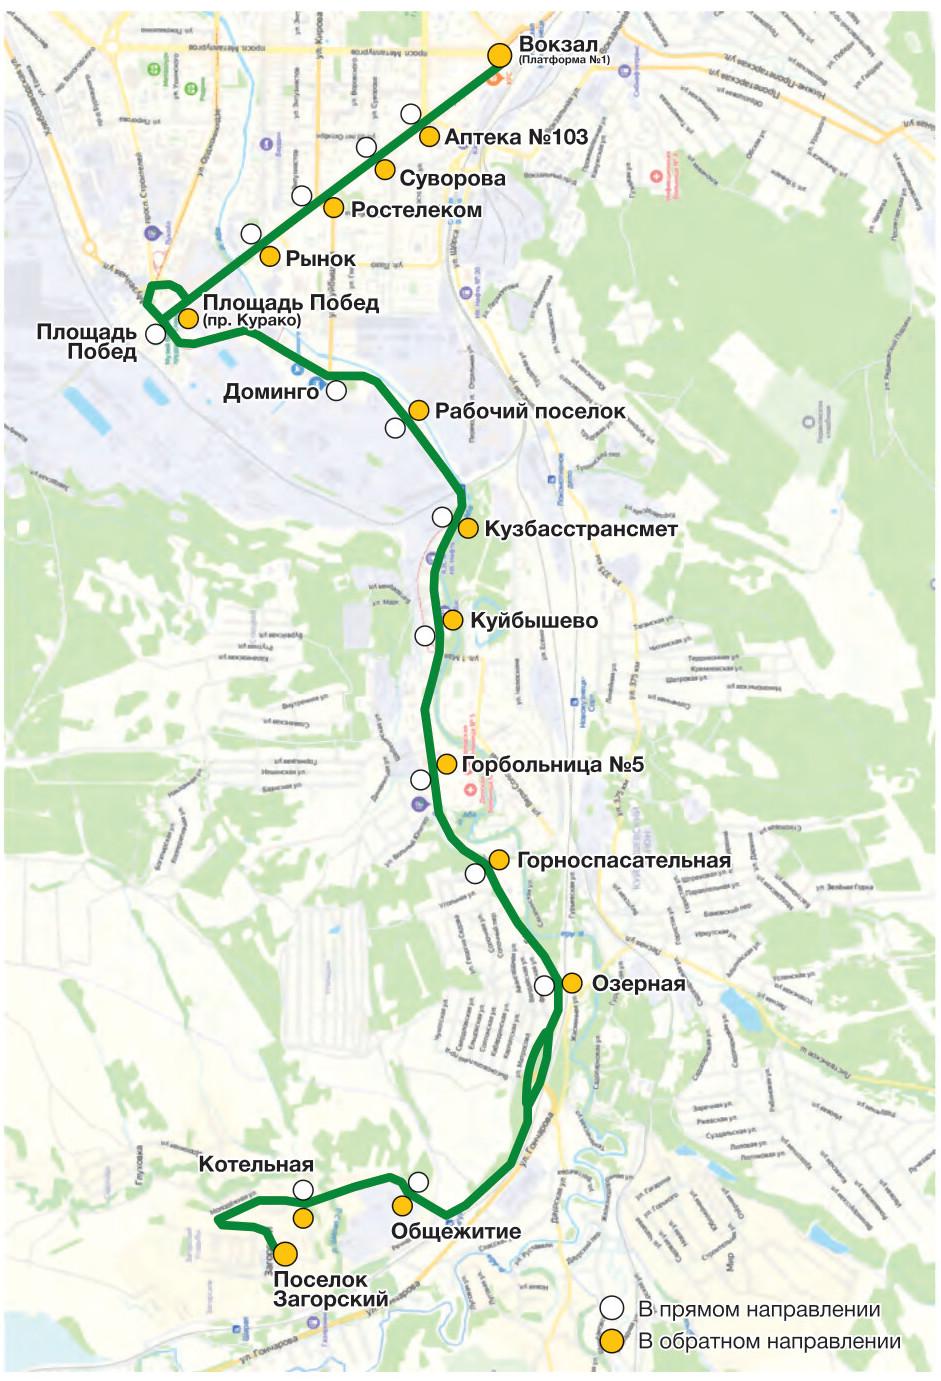 Автобус №22 ВОКЗАЛ - ПОСЕЛОК ЗАГОРСКИЙ | Расписание и маршрут движения